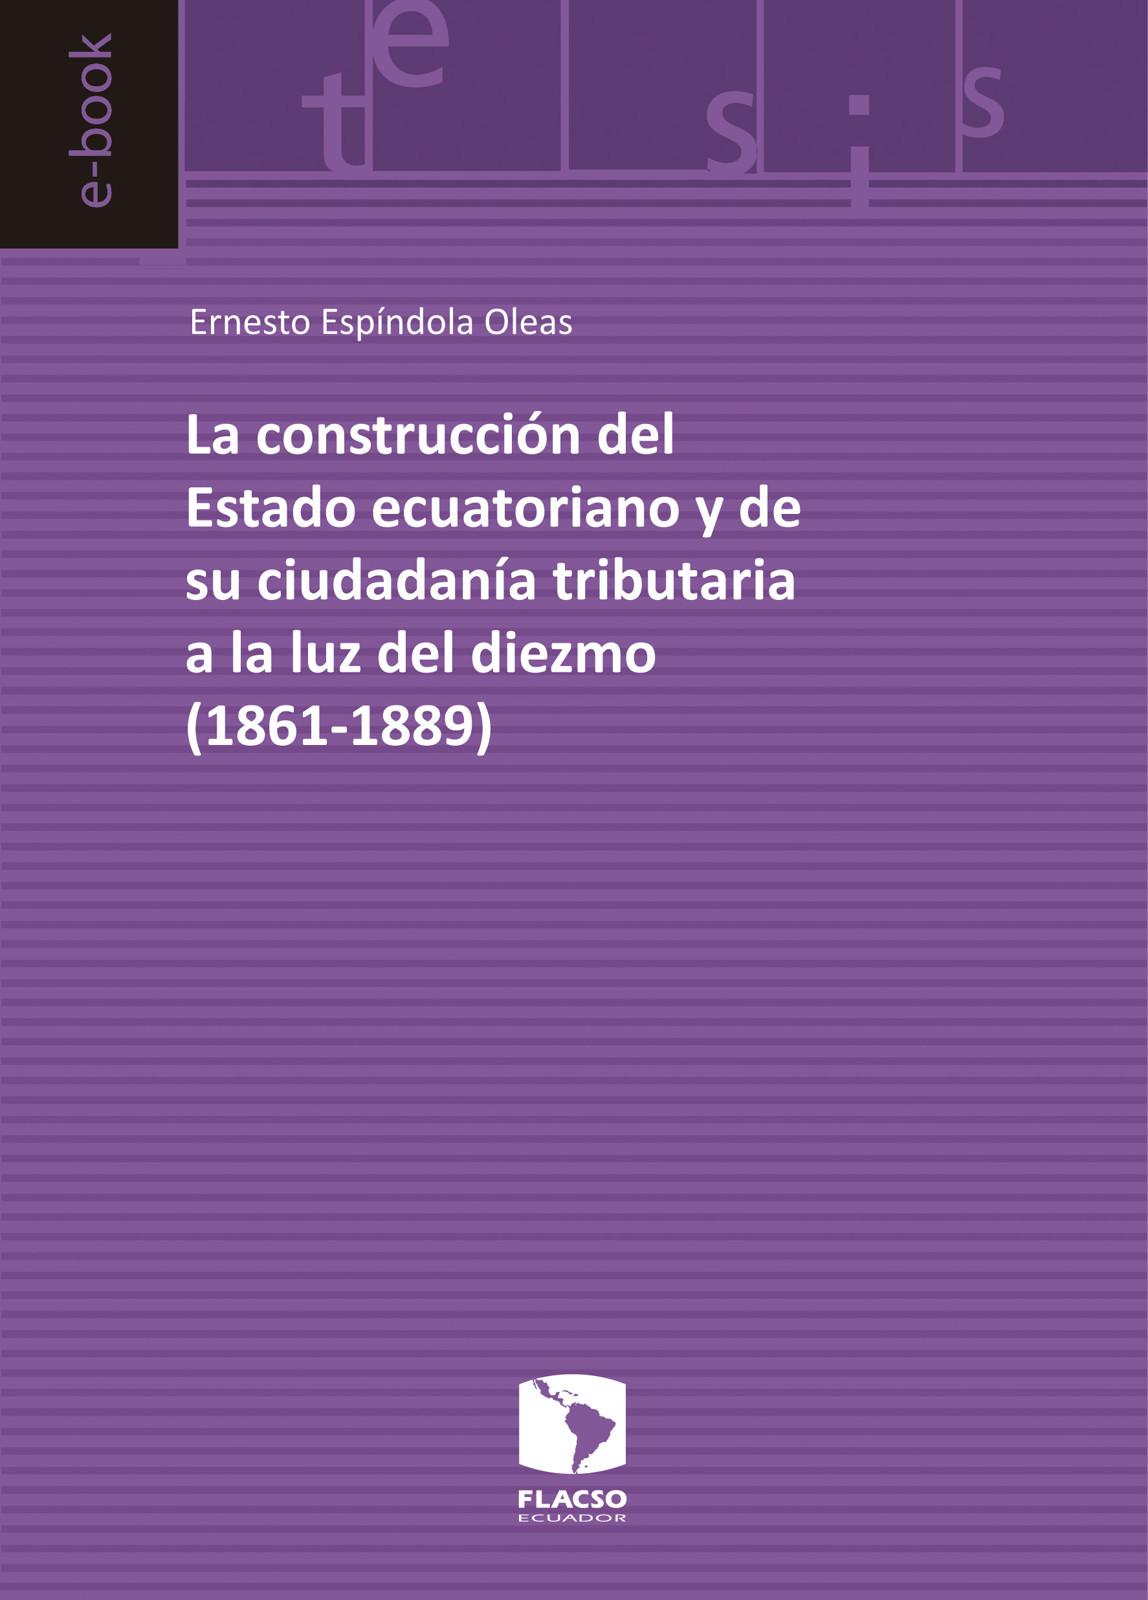 La construcción del Estado ecuatoriano y de su ciudadanía tributaria a la luz del diezmo (1861-1889)